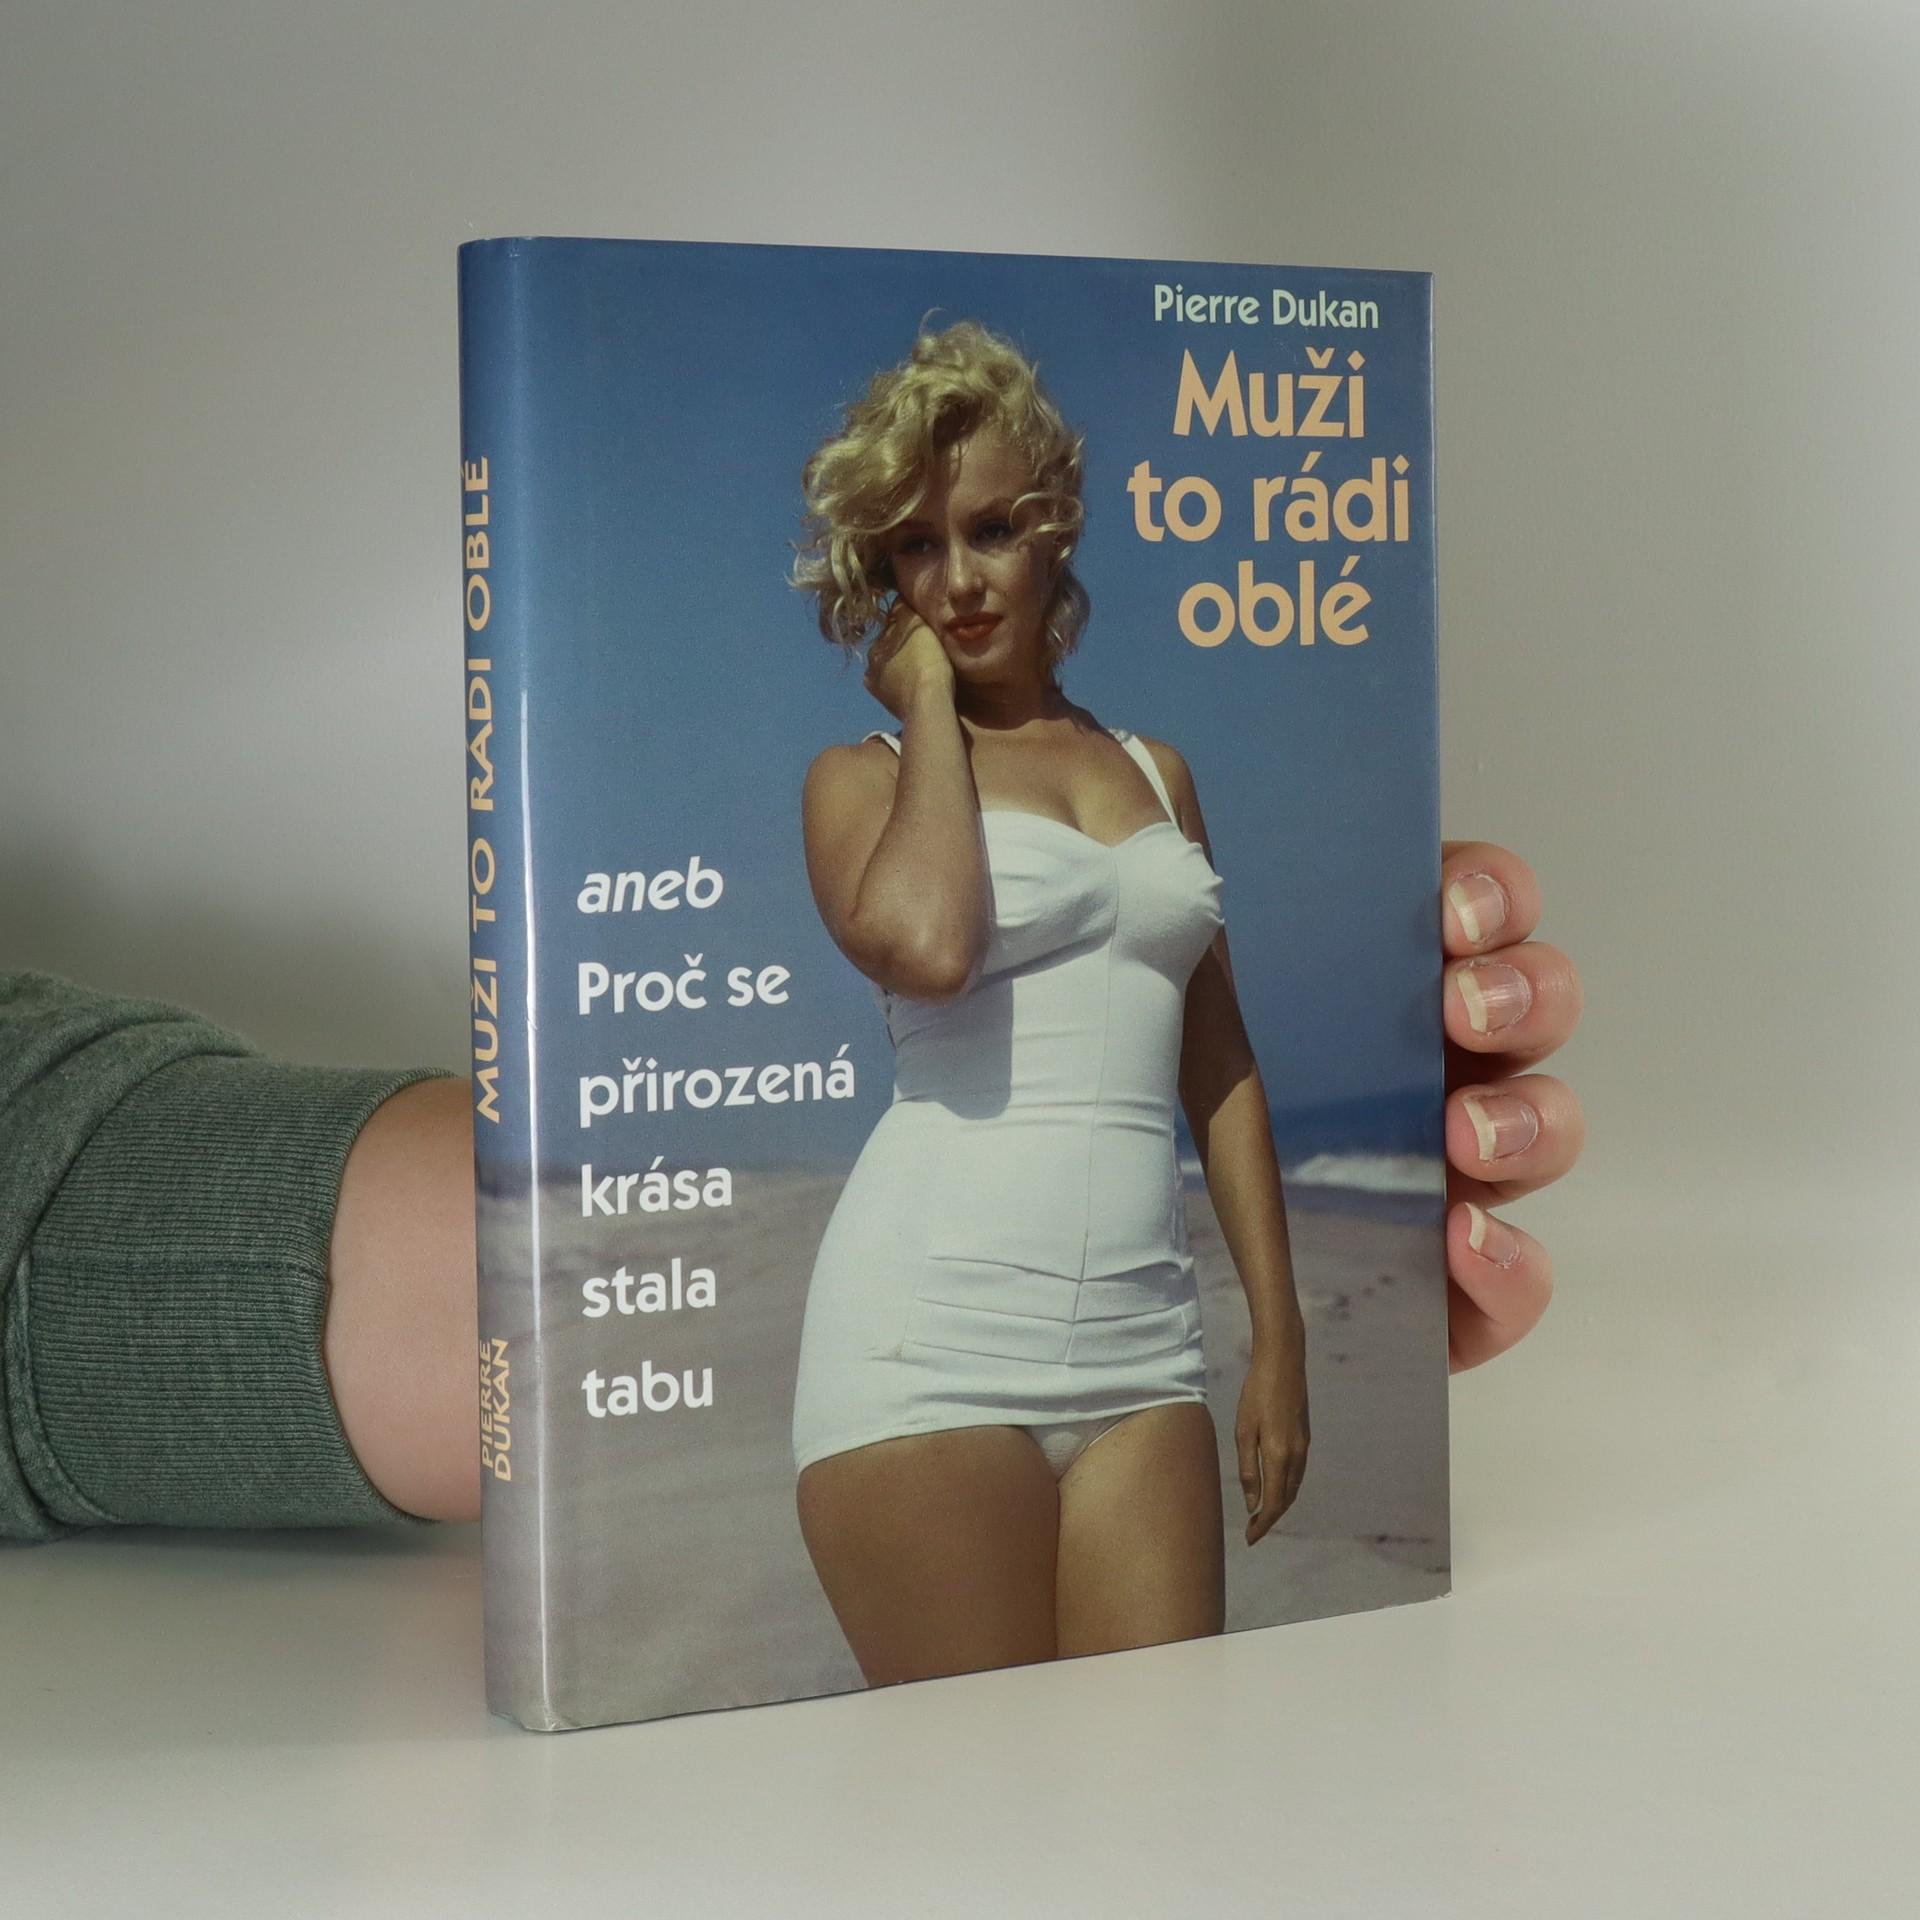 antikvární kniha Muži to rádi oblé, aneb proč se přirozená krása stala tabu, 2013